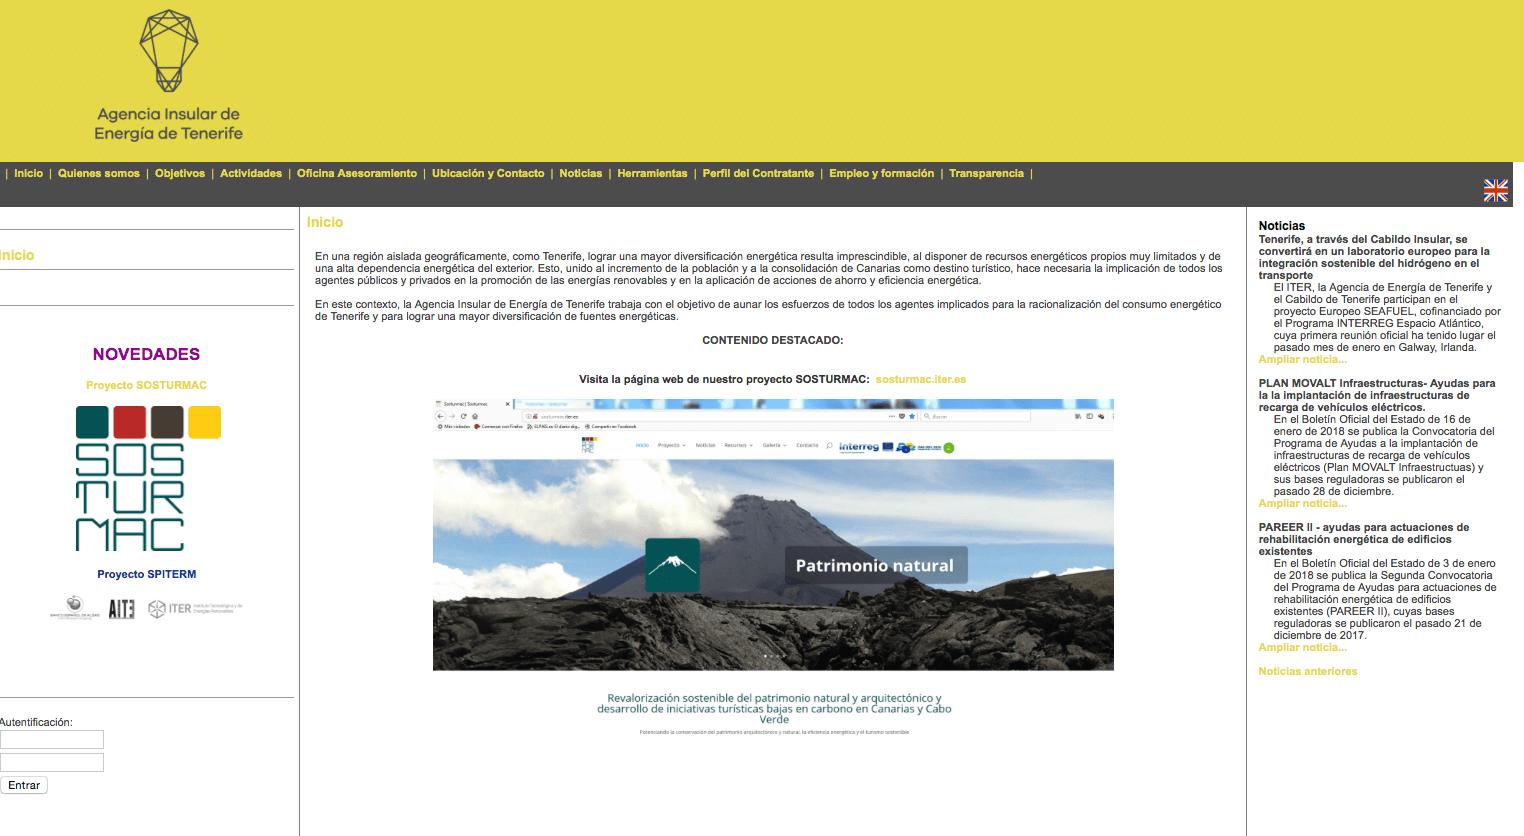 Agencia Insular de la Energía de Tenerife